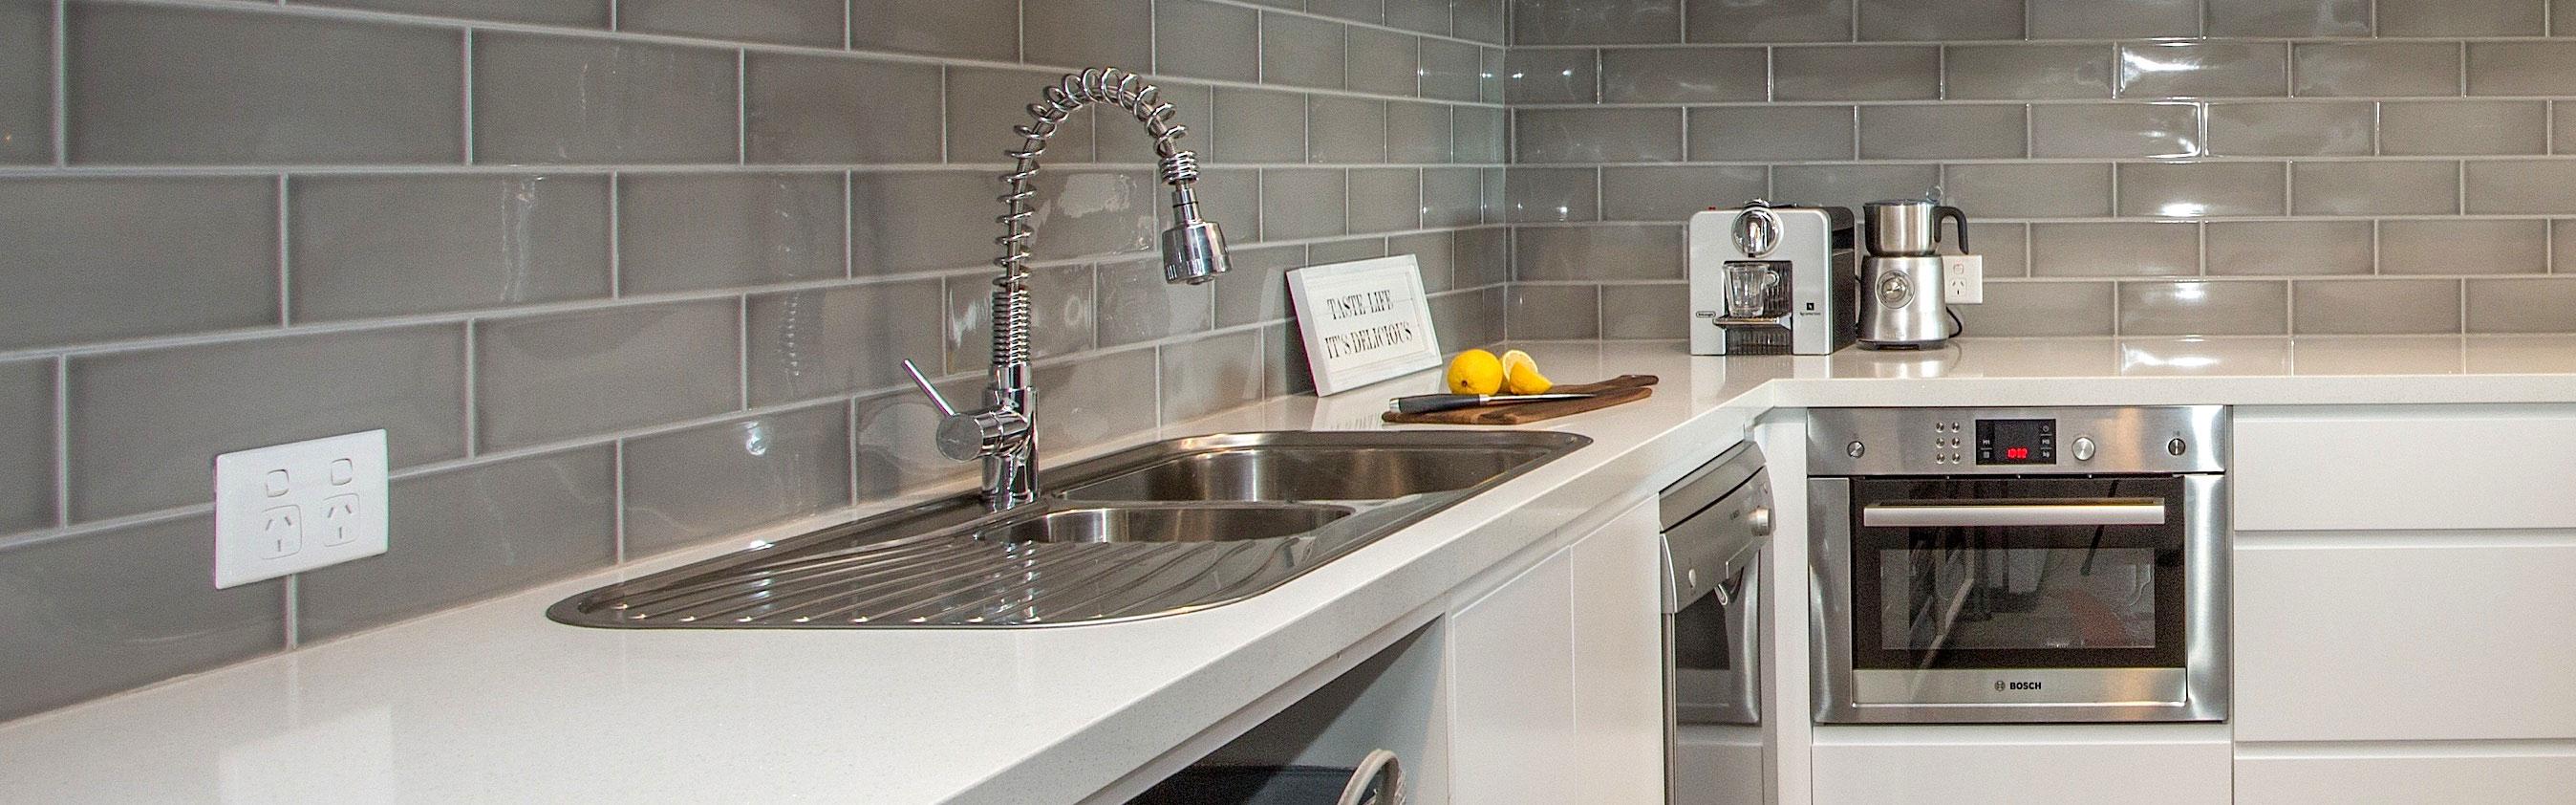 طراحی آشپزخانه برای چپ دست ها